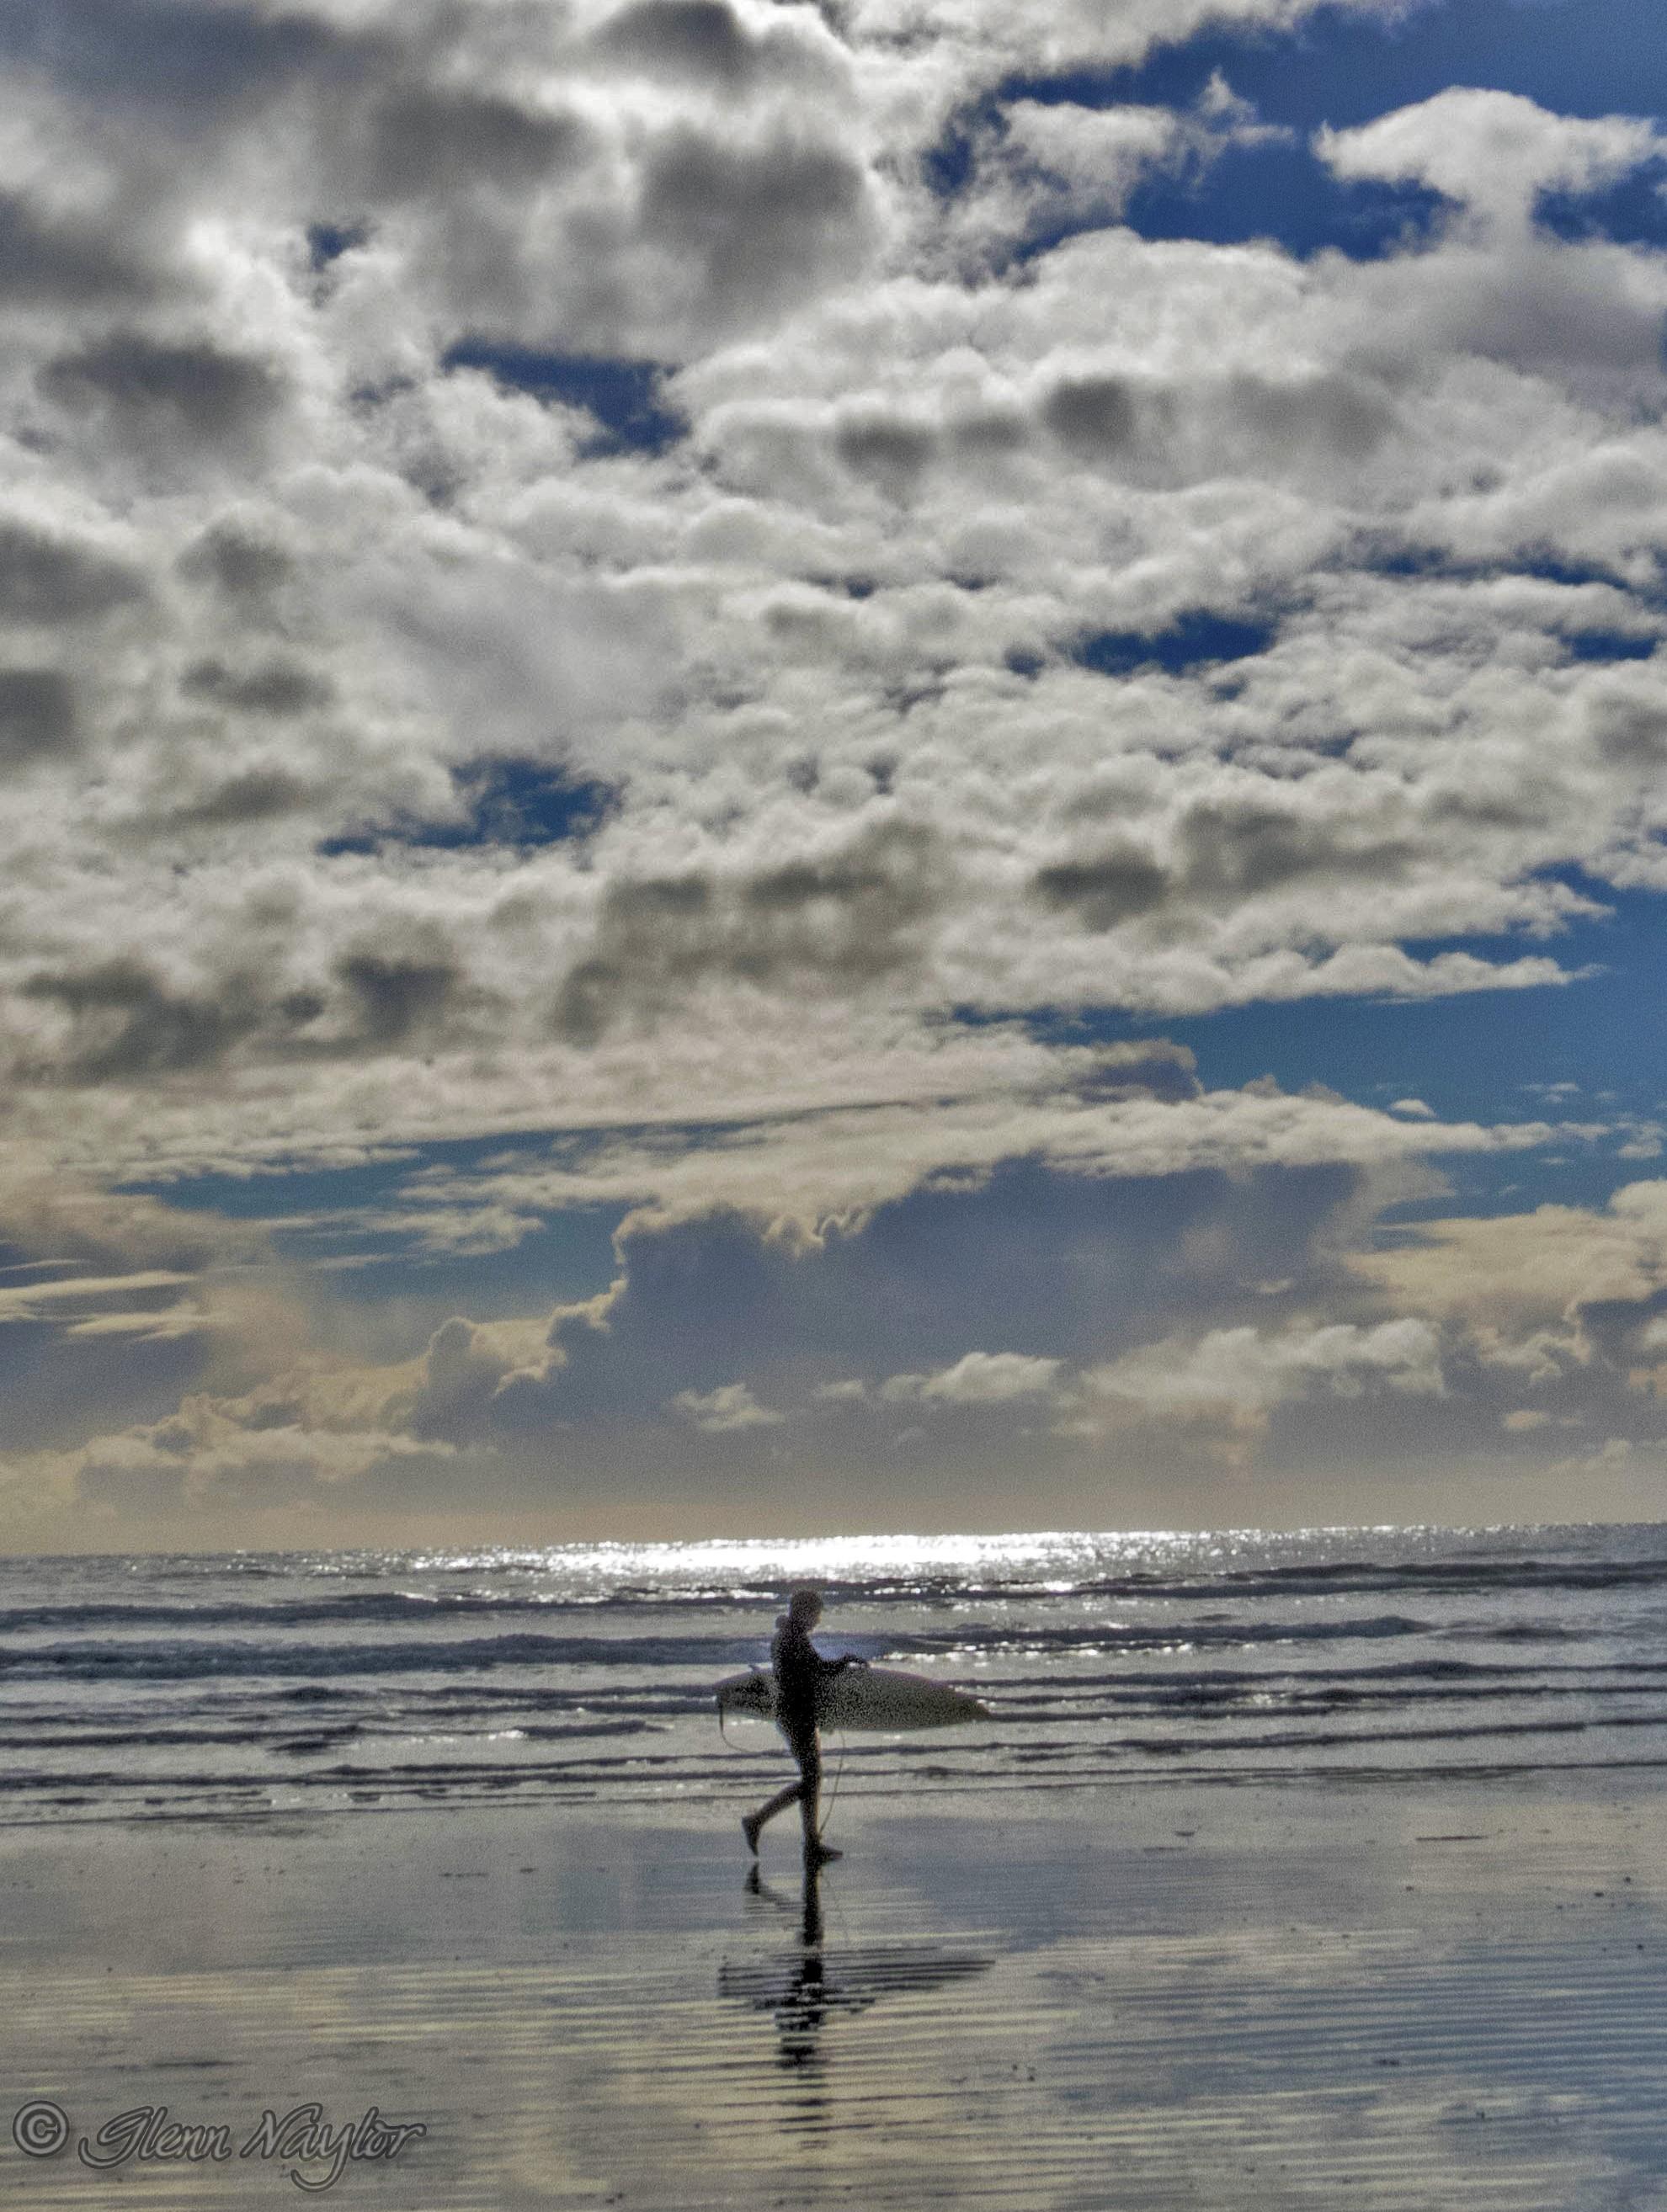 Surfer, Long Beach, Tofino BC